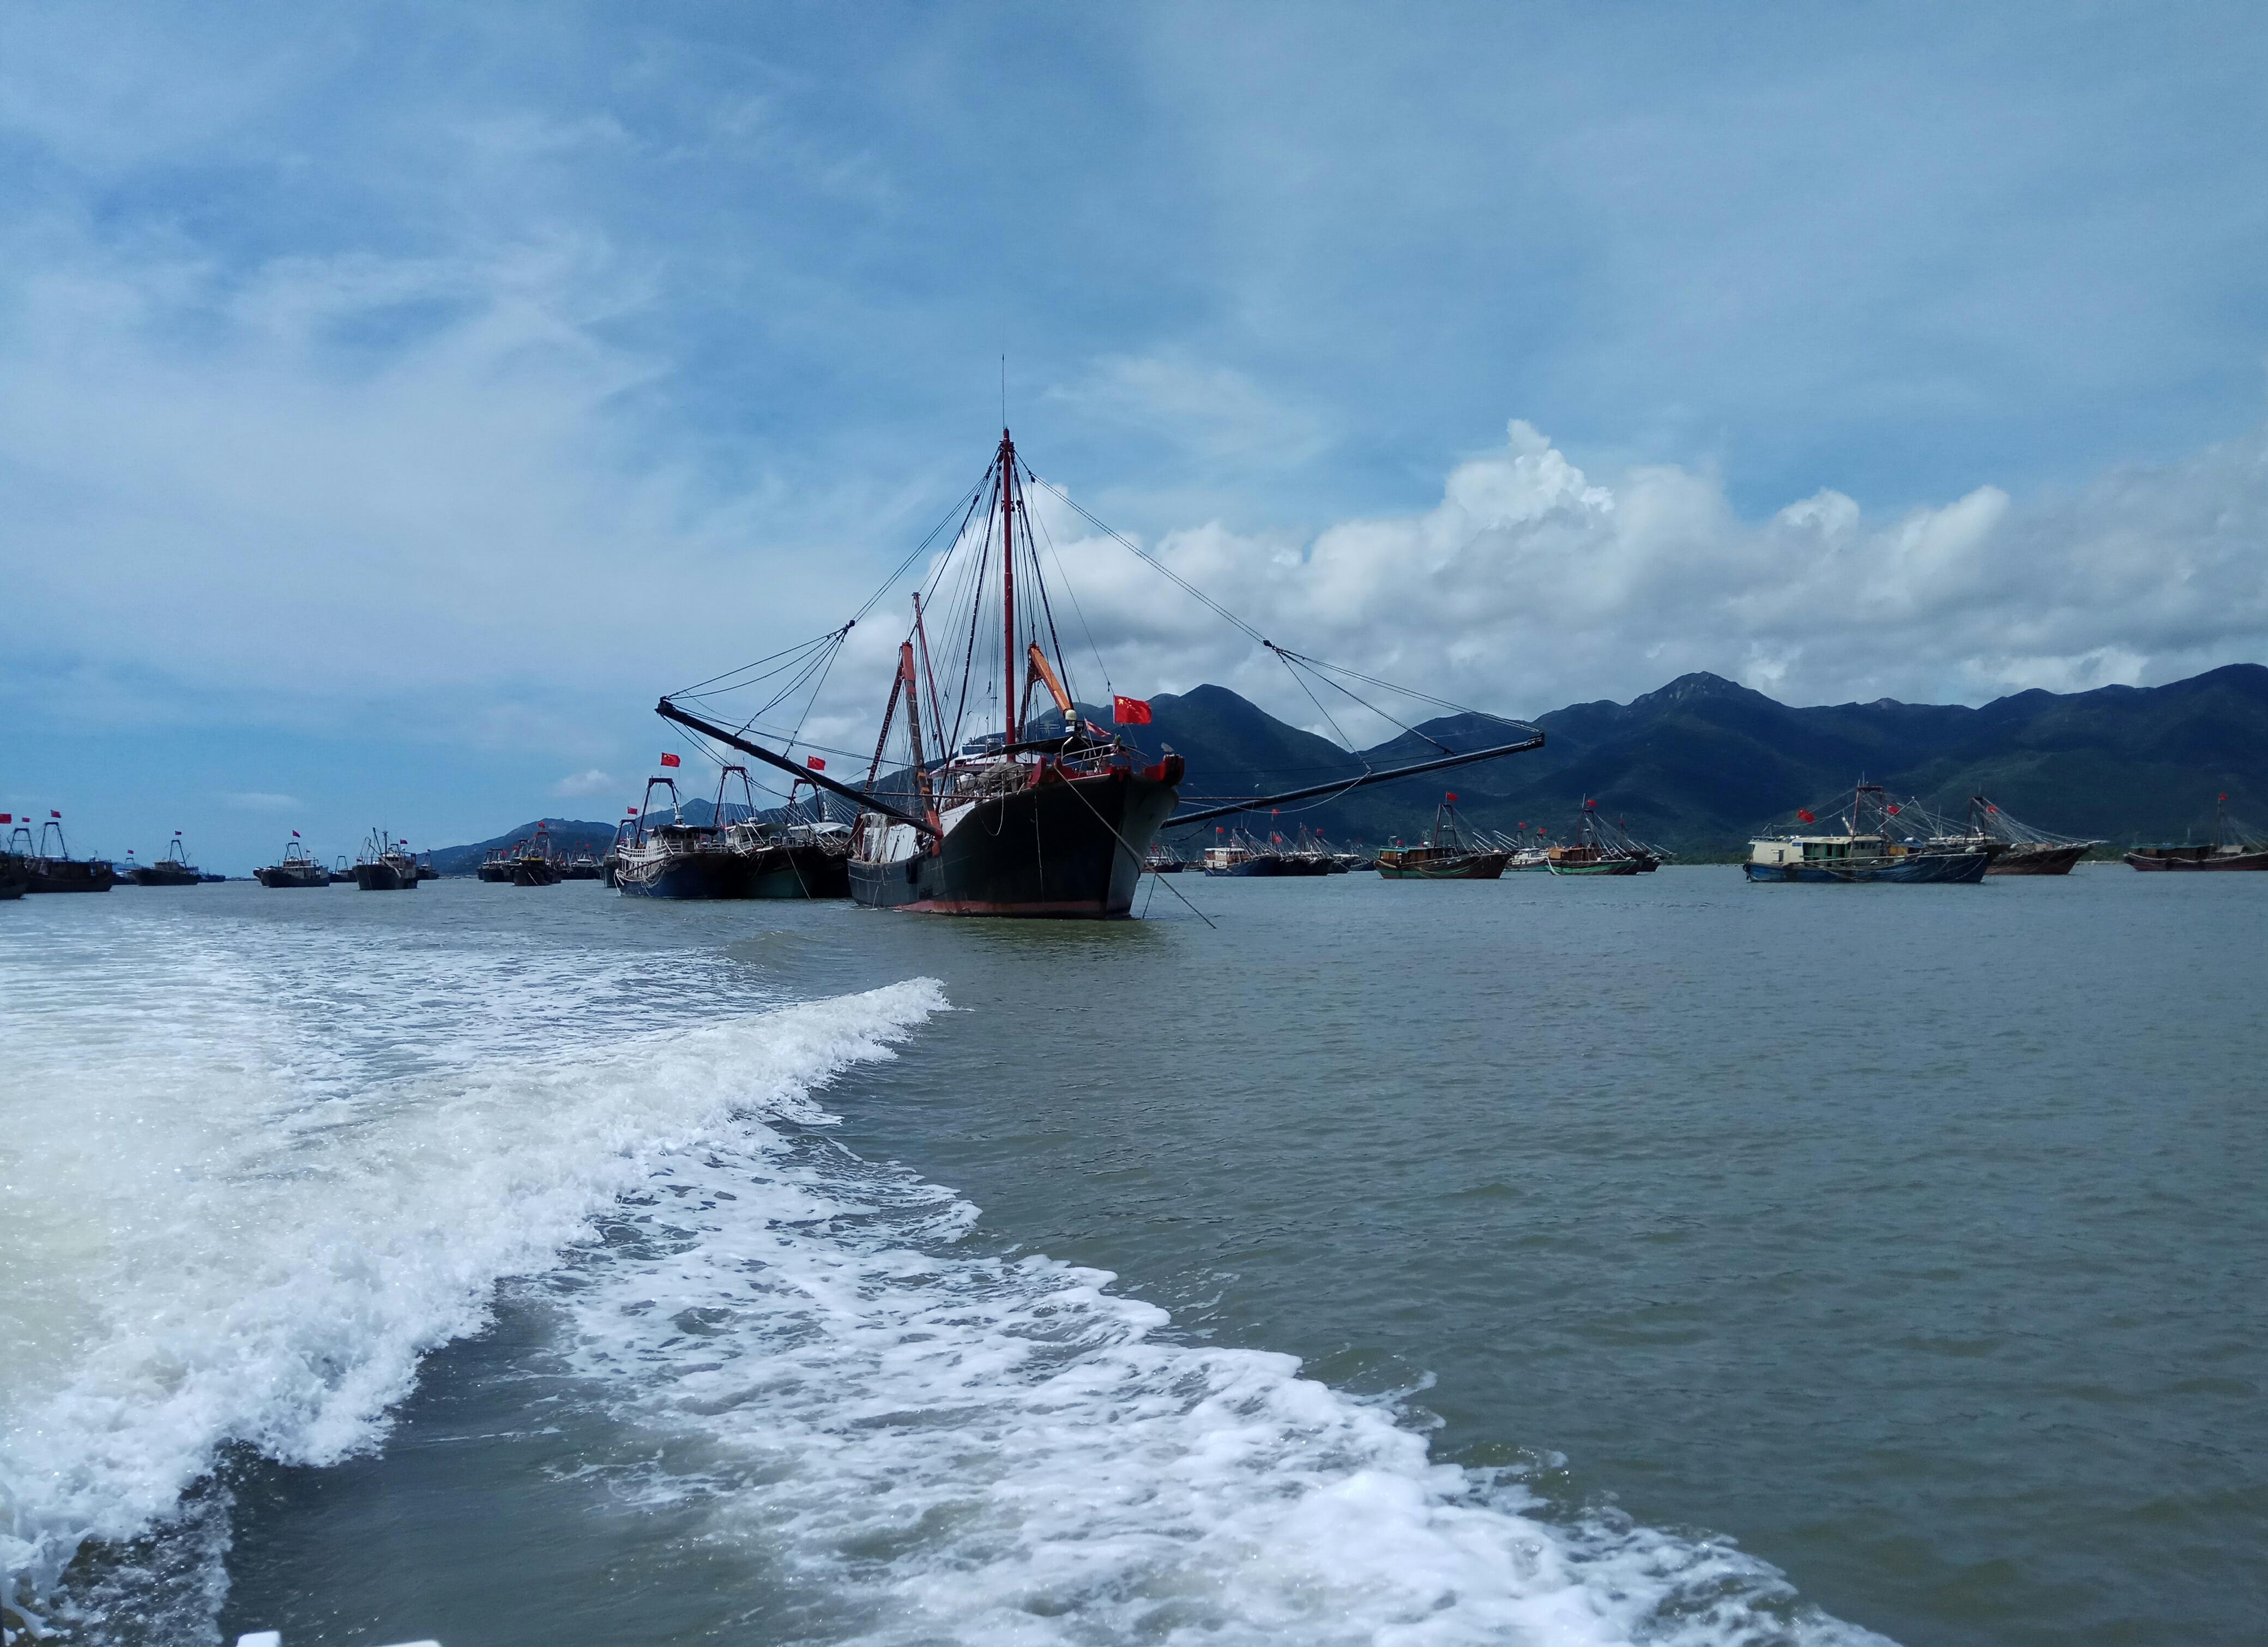 我市2000多艘渔船昨天出海捕捞